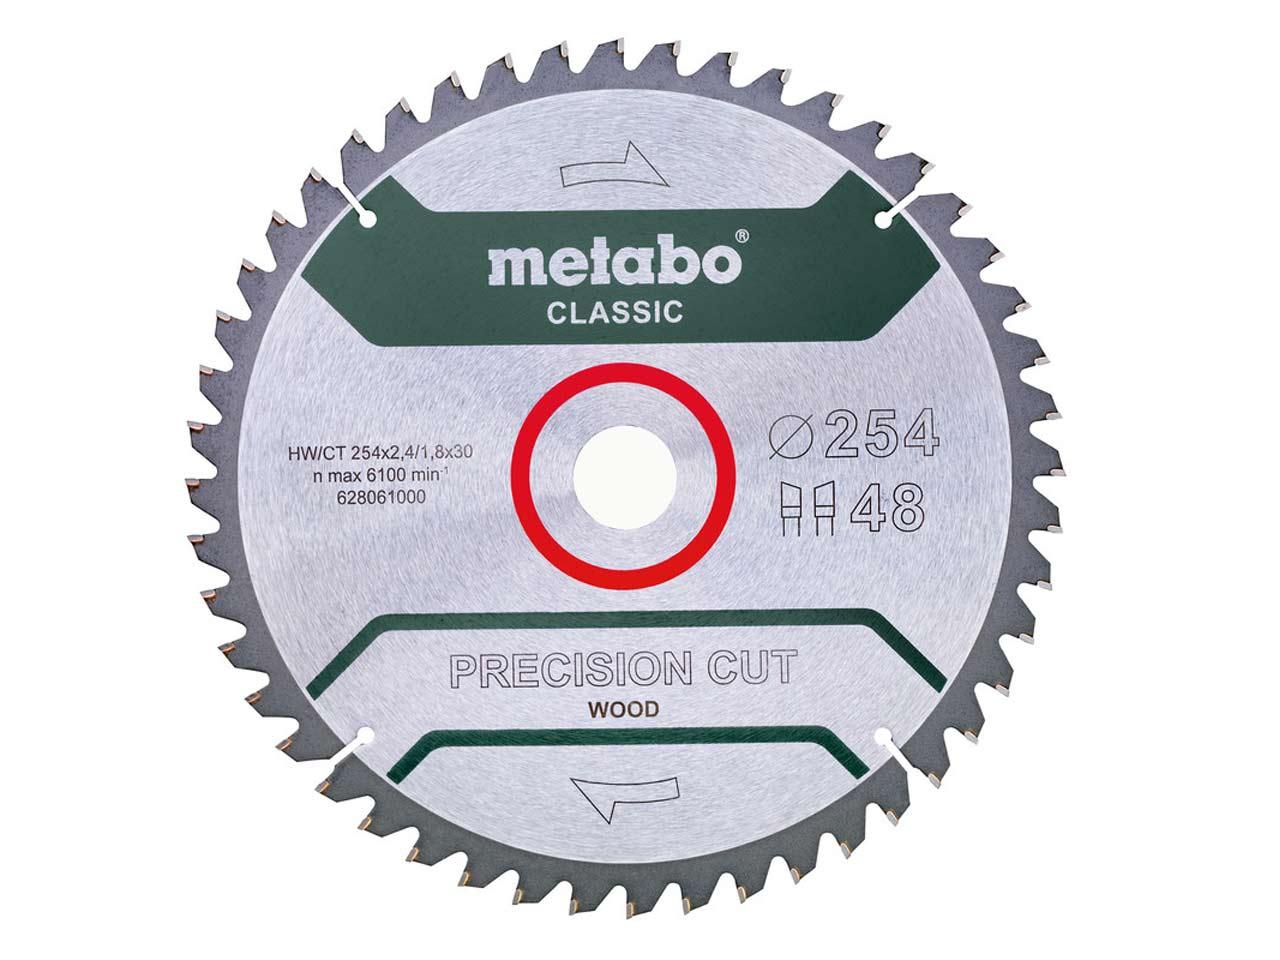 Metabo_628061000.jpg